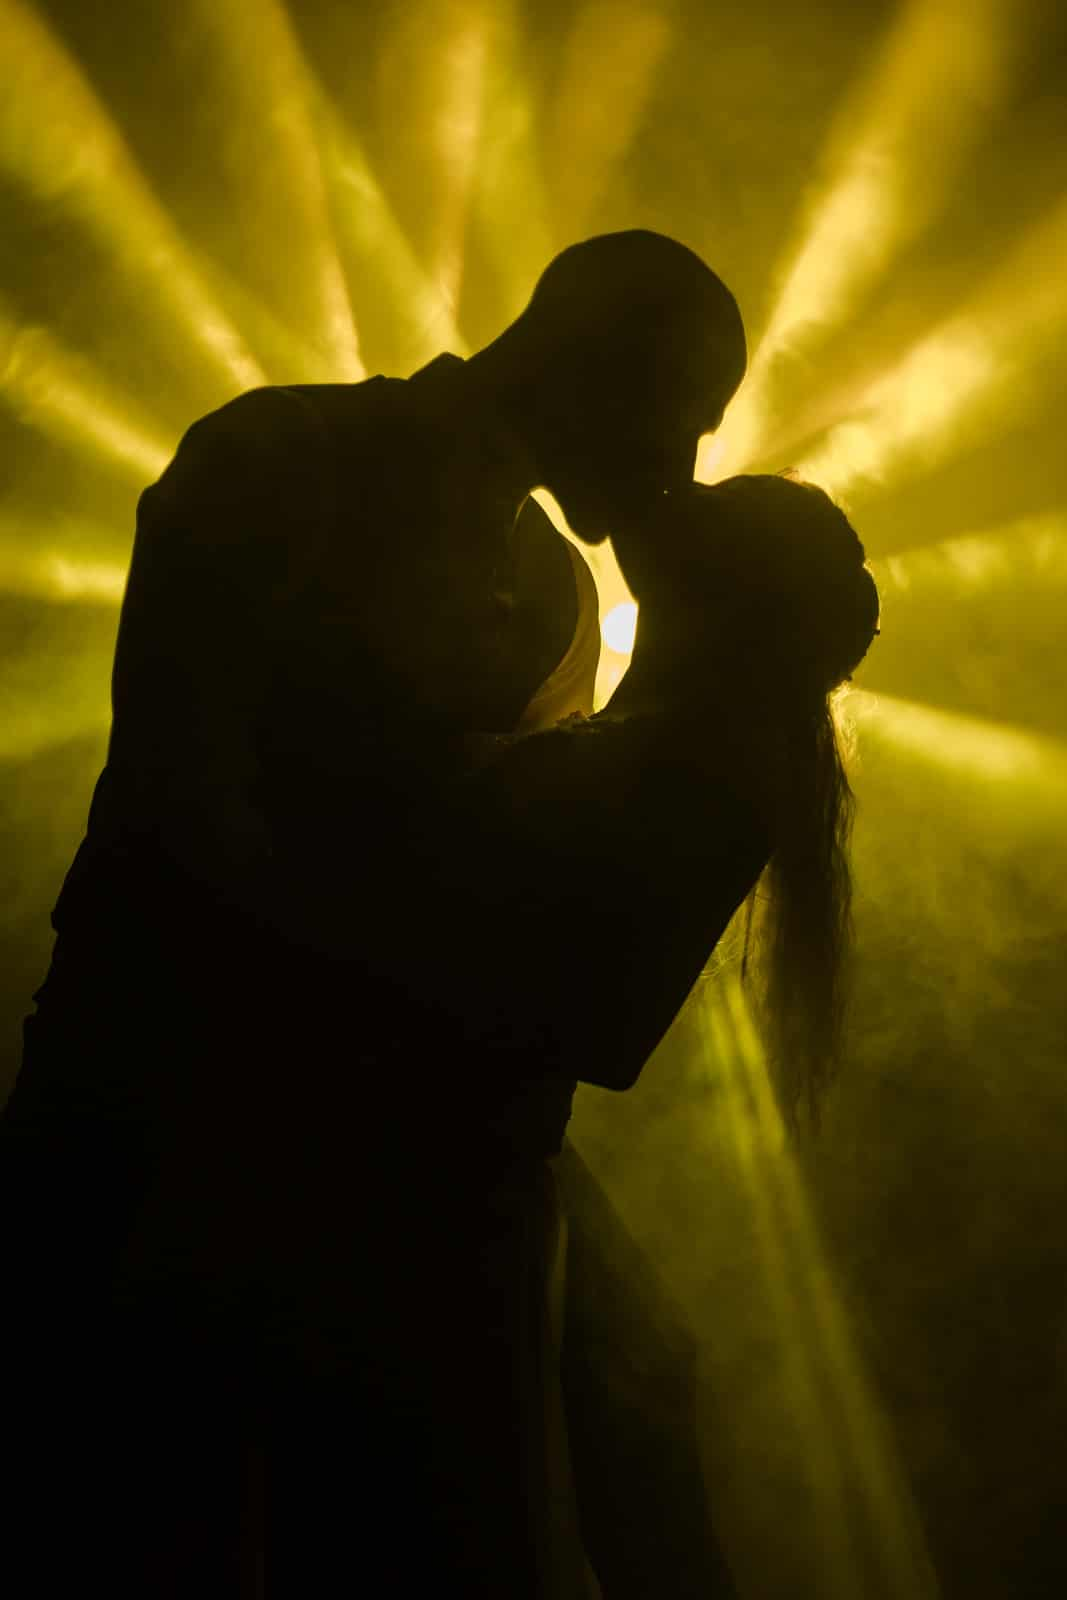 Brautpaar steht im schein eines gelben Scheinwerfers und die beiden Küssen sich als Silhouette